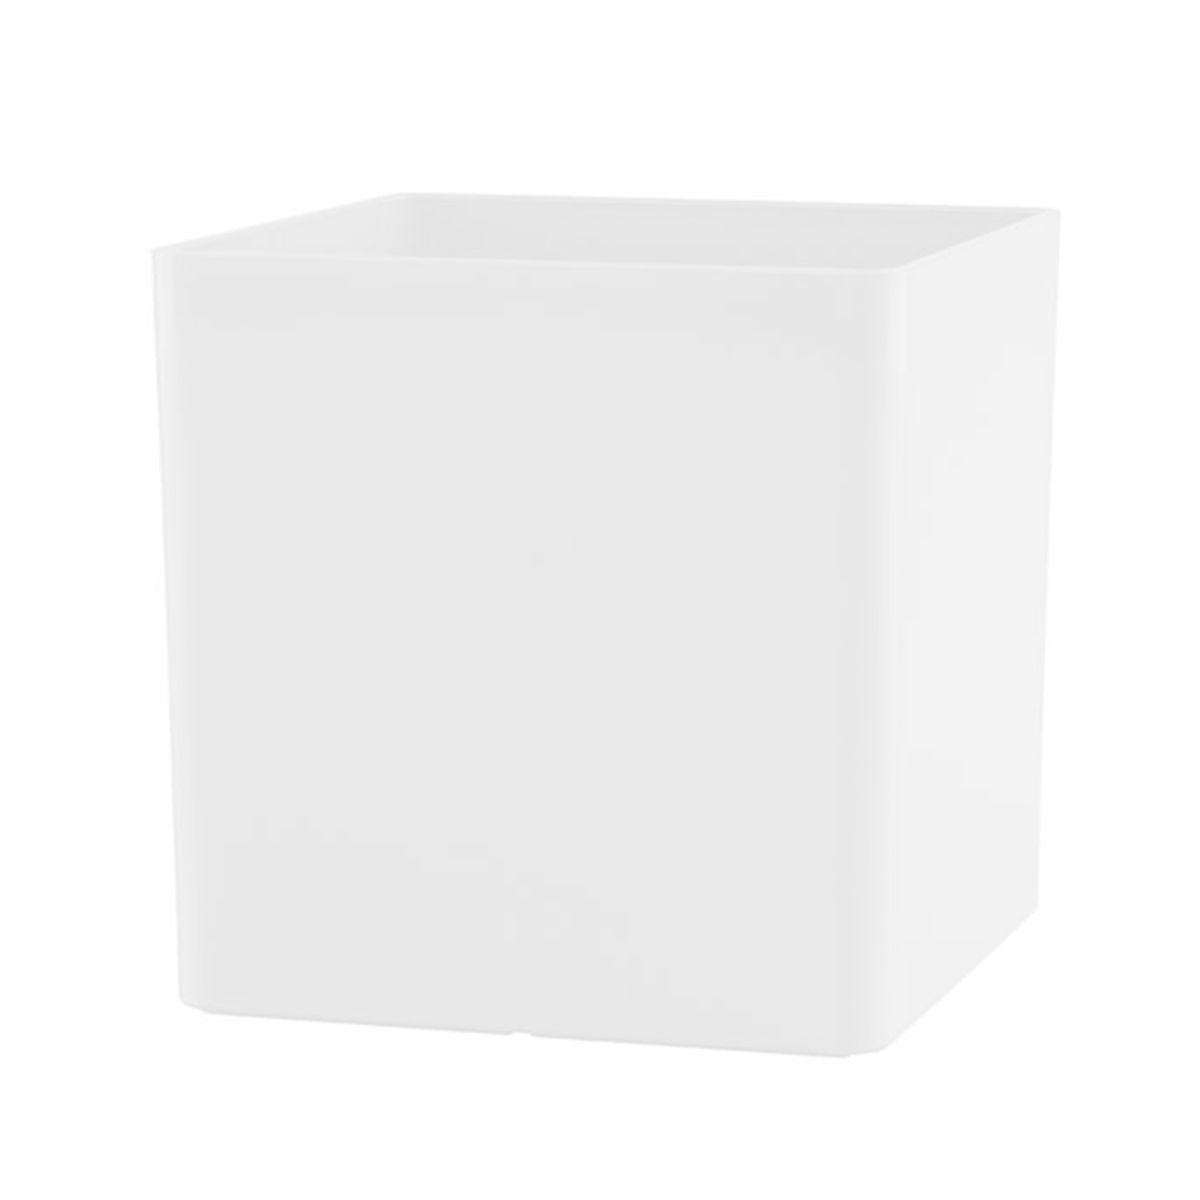 Vaso Cubo 17 x 17 cm Branco Vasart